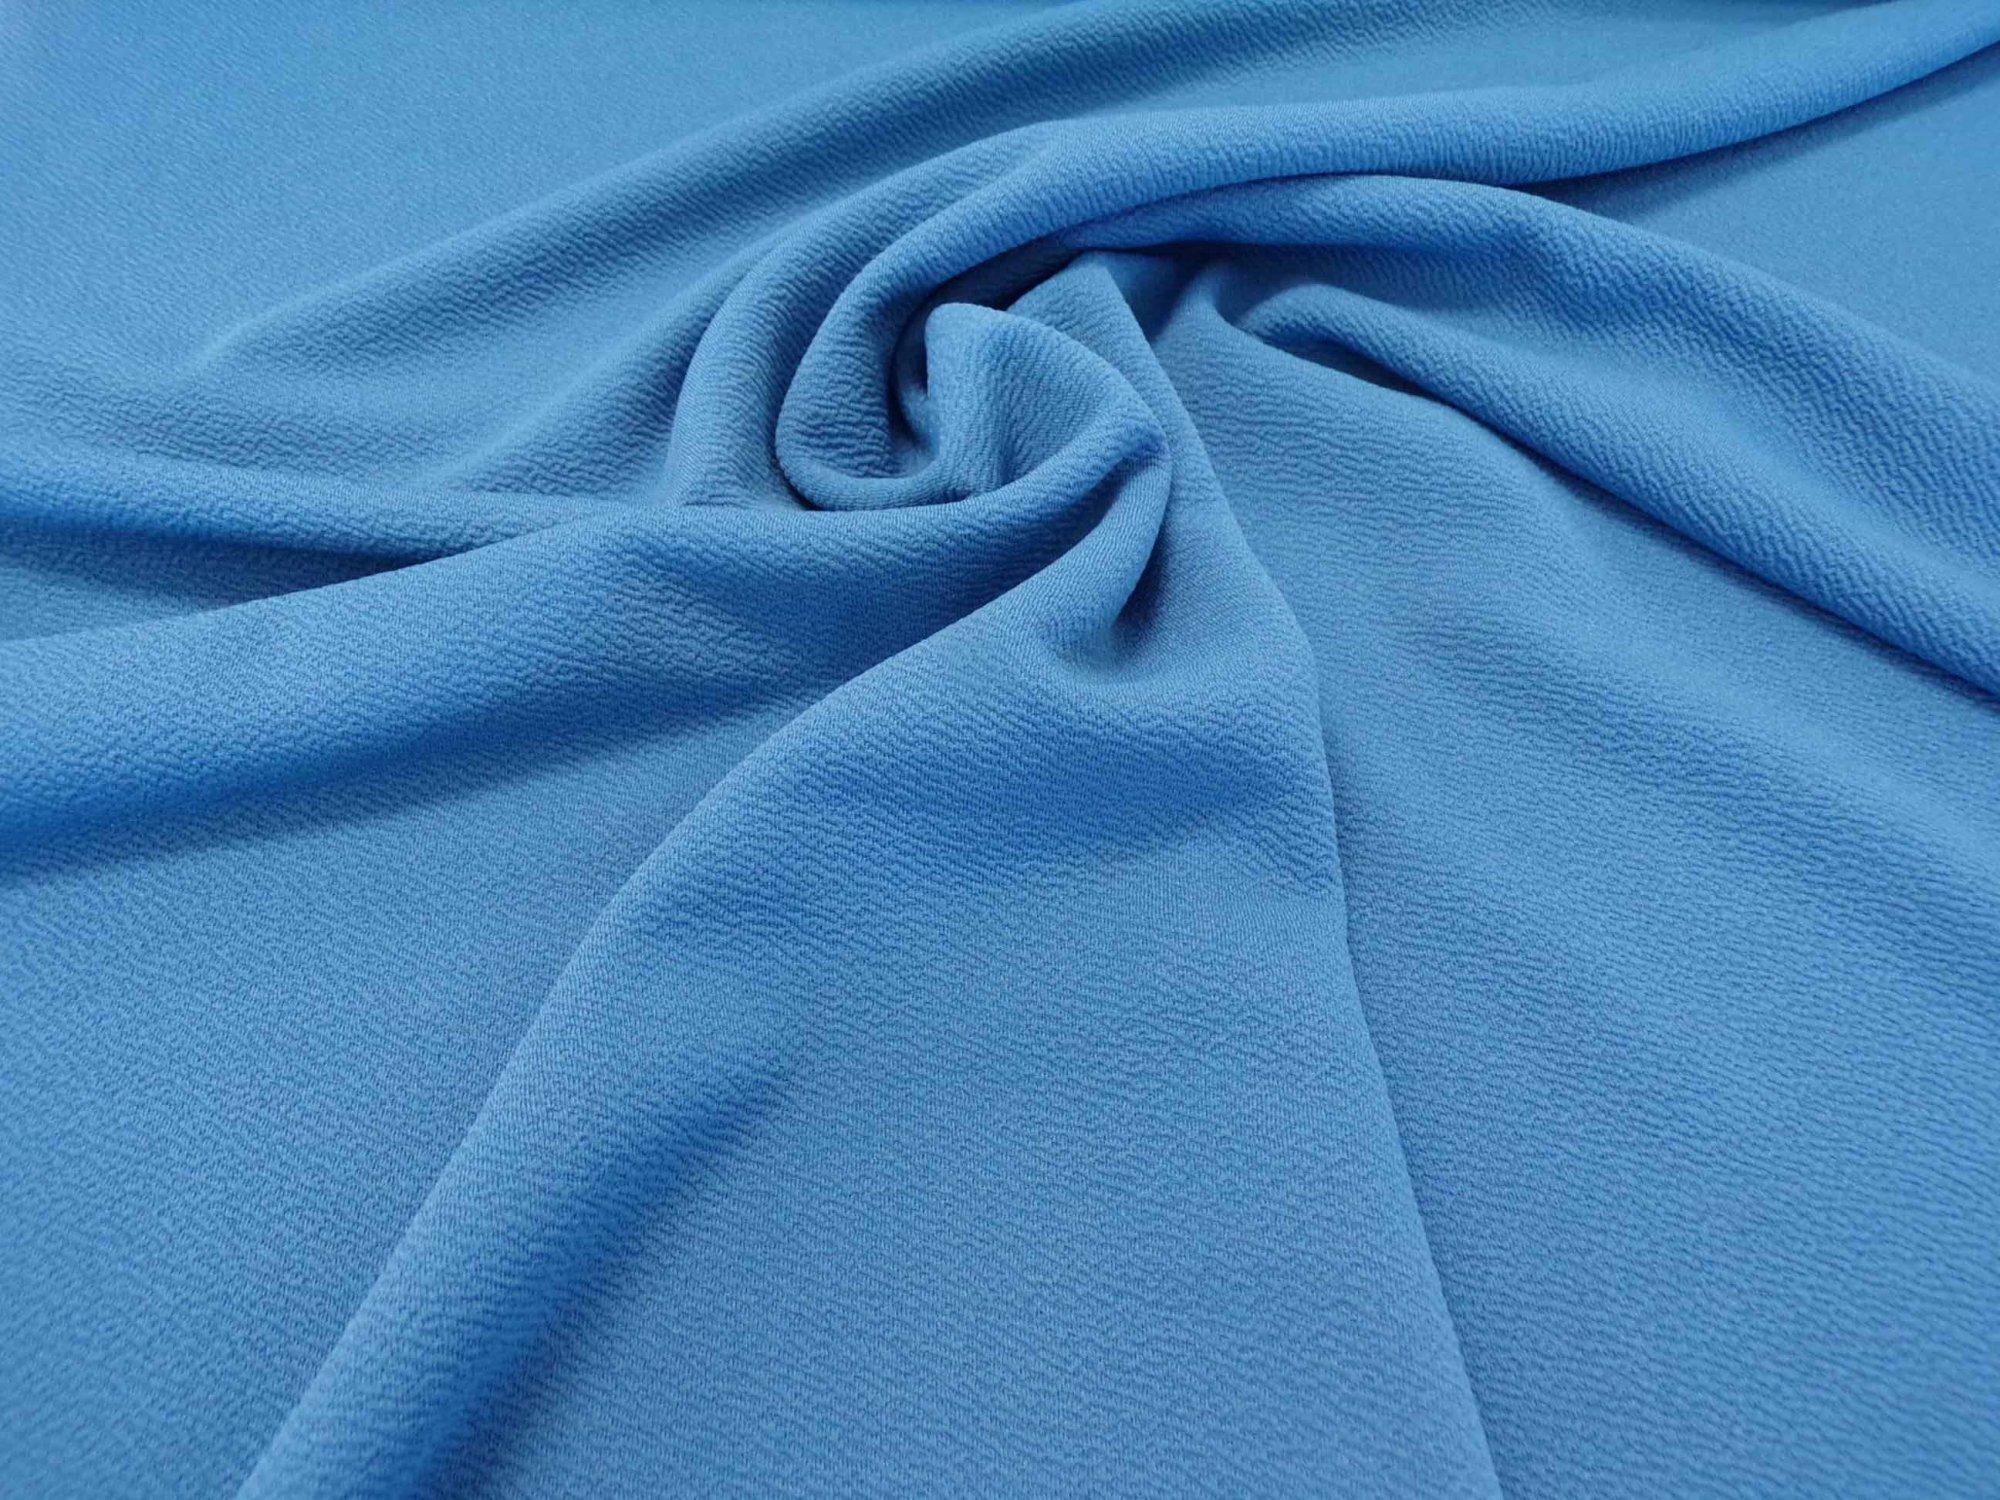 Liverpool Knit - Denim Blue